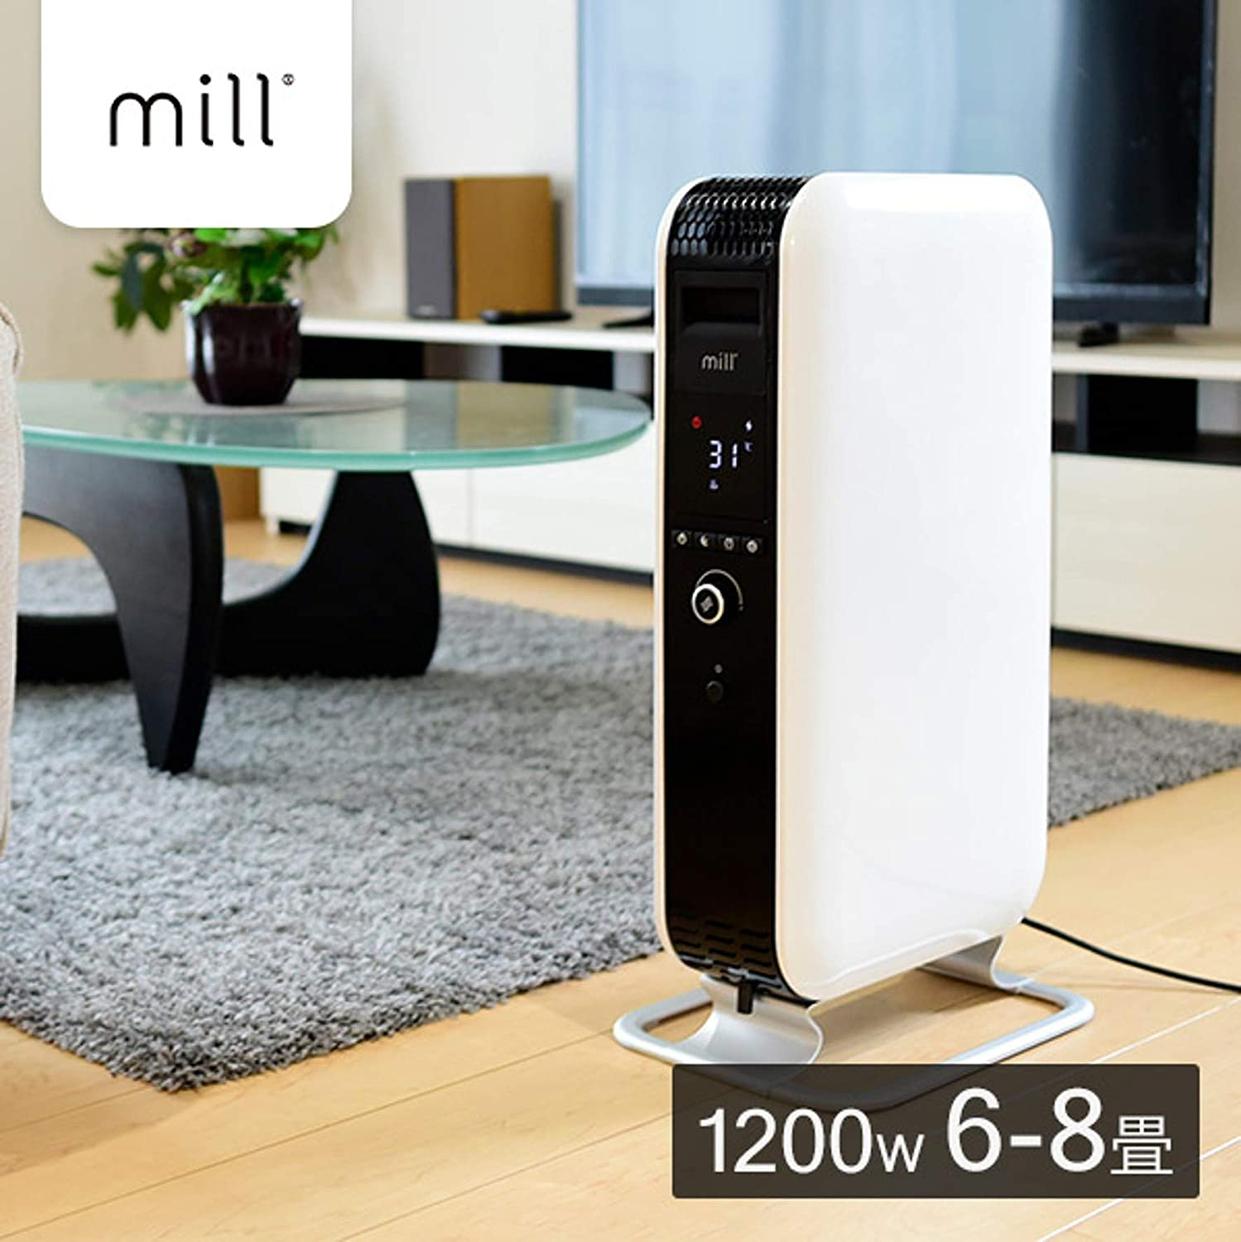 山善(YAMAZEN) Mill オイルヒーター YAB-H1200TIMの商品画像2